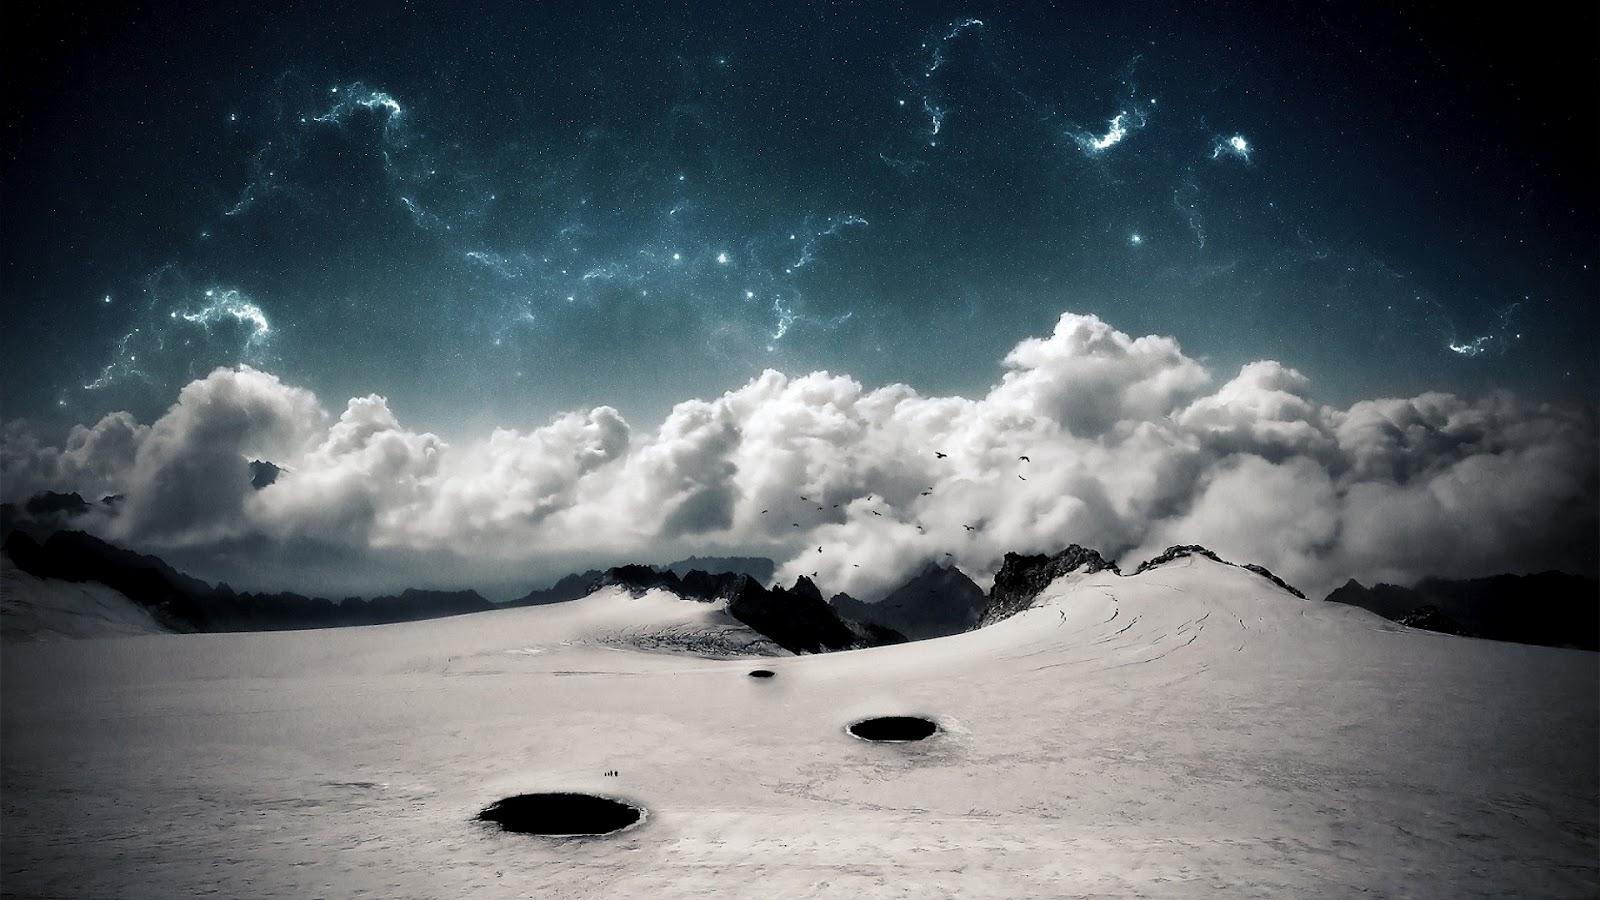 http://1.bp.blogspot.com/-bAMCV5Z0g4E/UCY3qdHiRdI/AAAAAAAAMcM/aIsIElUiRmU/s1600/hd-moon-surface-1920x1080.jpg